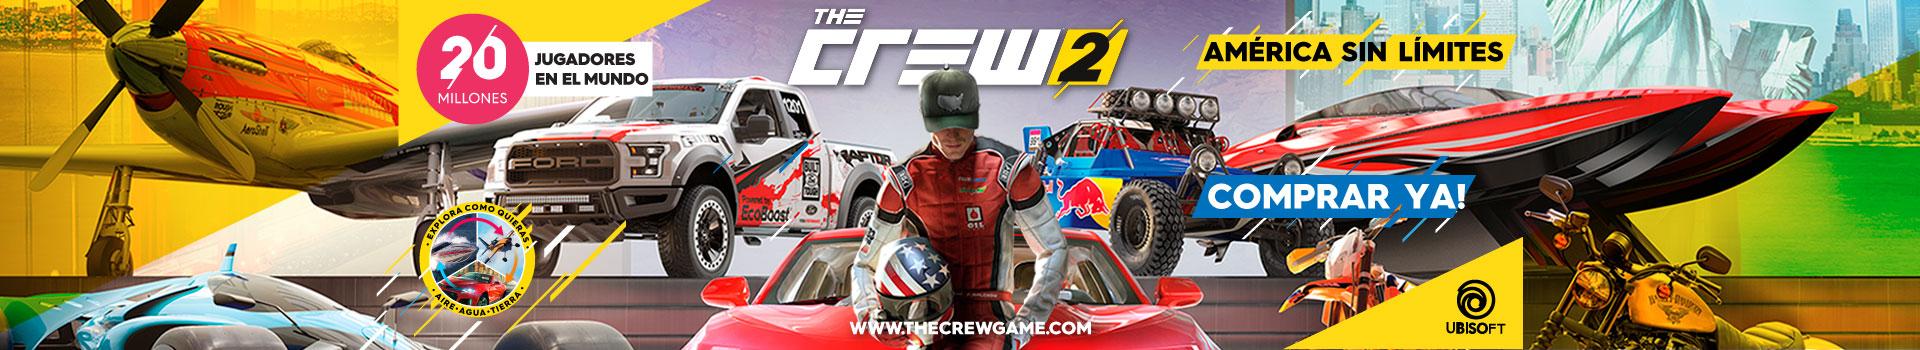 AK-KT-BCAT-16-videojuegos-PP---the-creew2-jul5